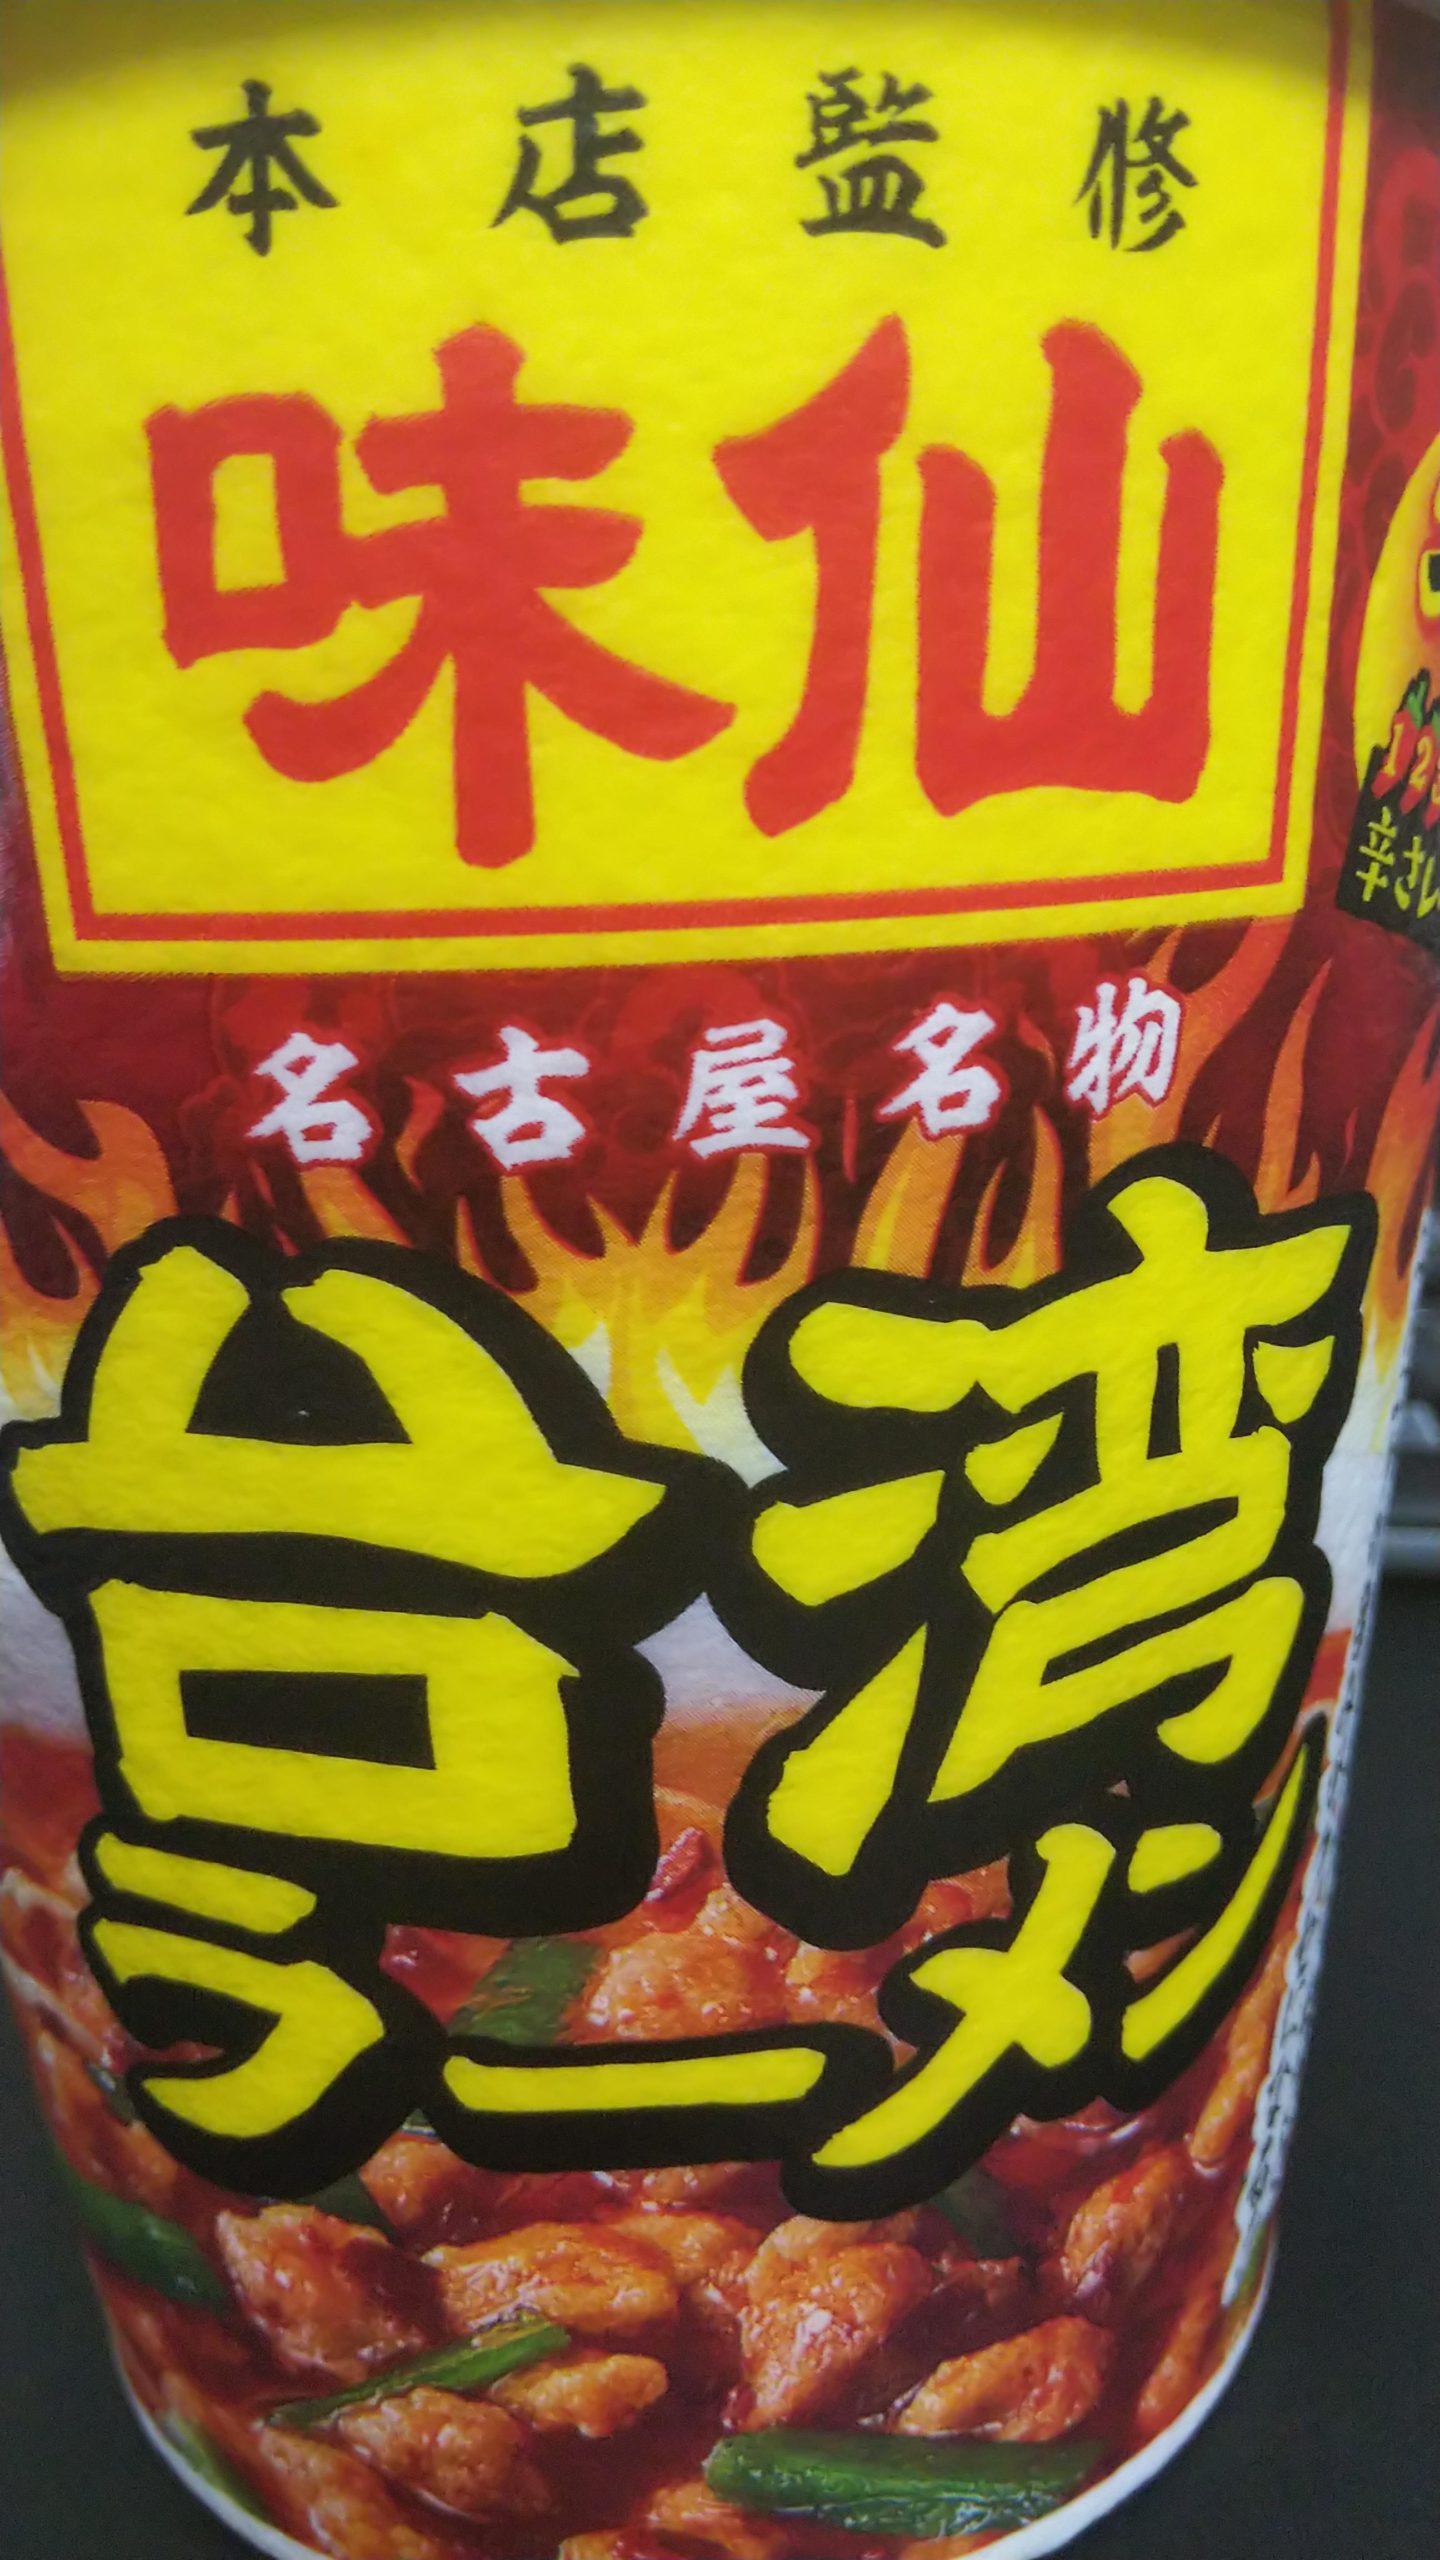 この台湾ラーメン買ったら〇にそうなんだけど!!!